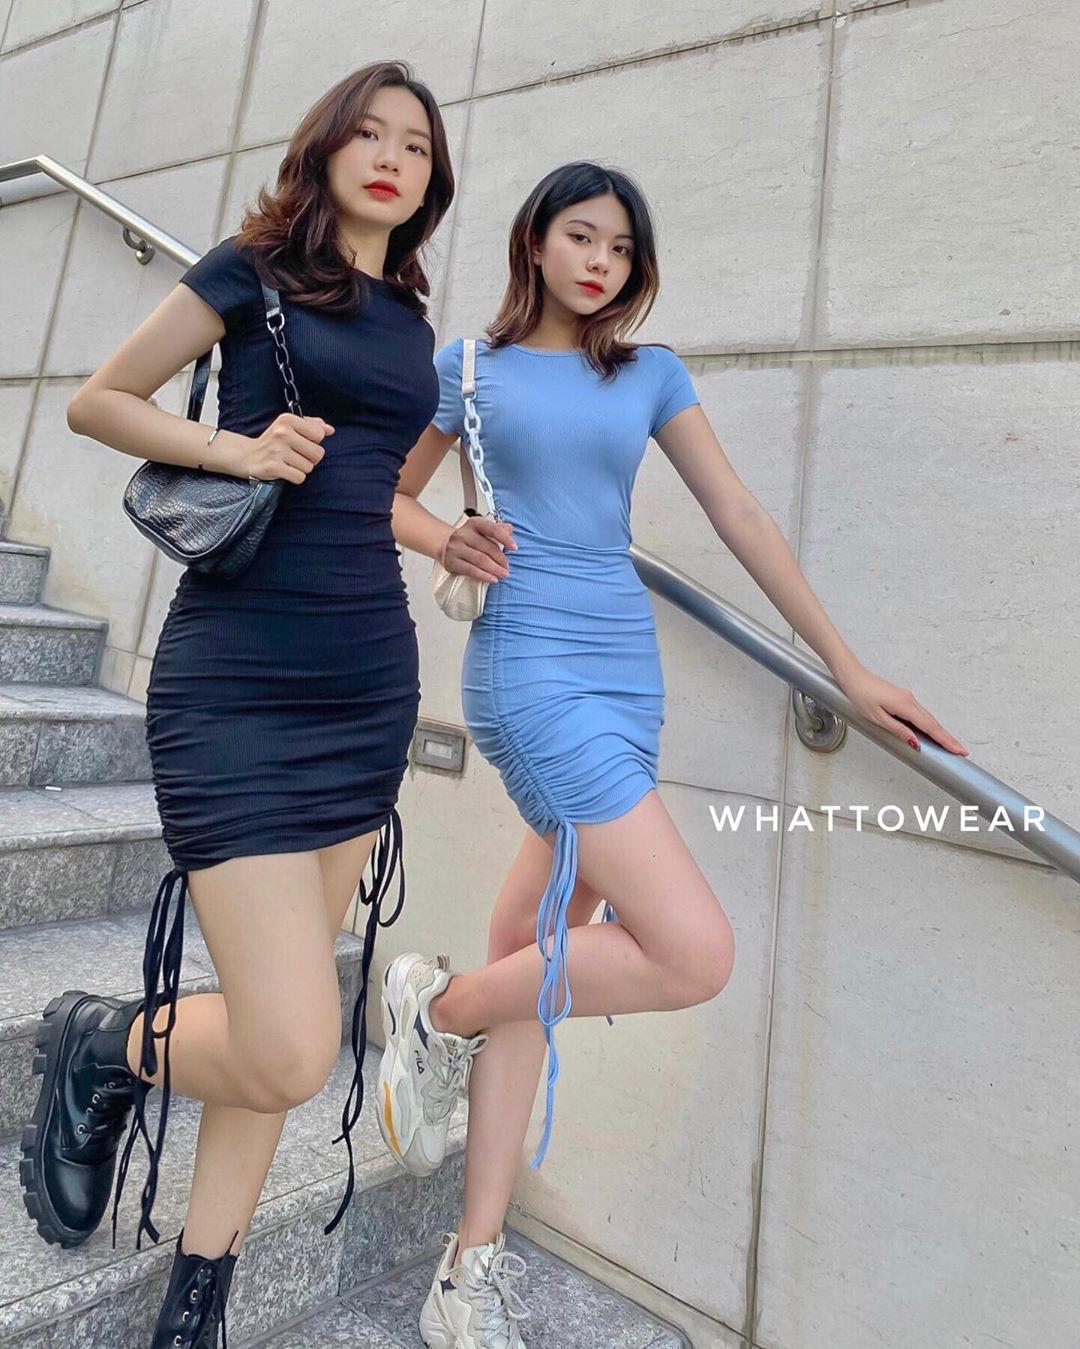 Những chiếc váy body rút dây có độ căng phồng phù hợp với chị em có vòng 3khiêm tốn lại tôn nhẹ vòng eo gợi cảm.